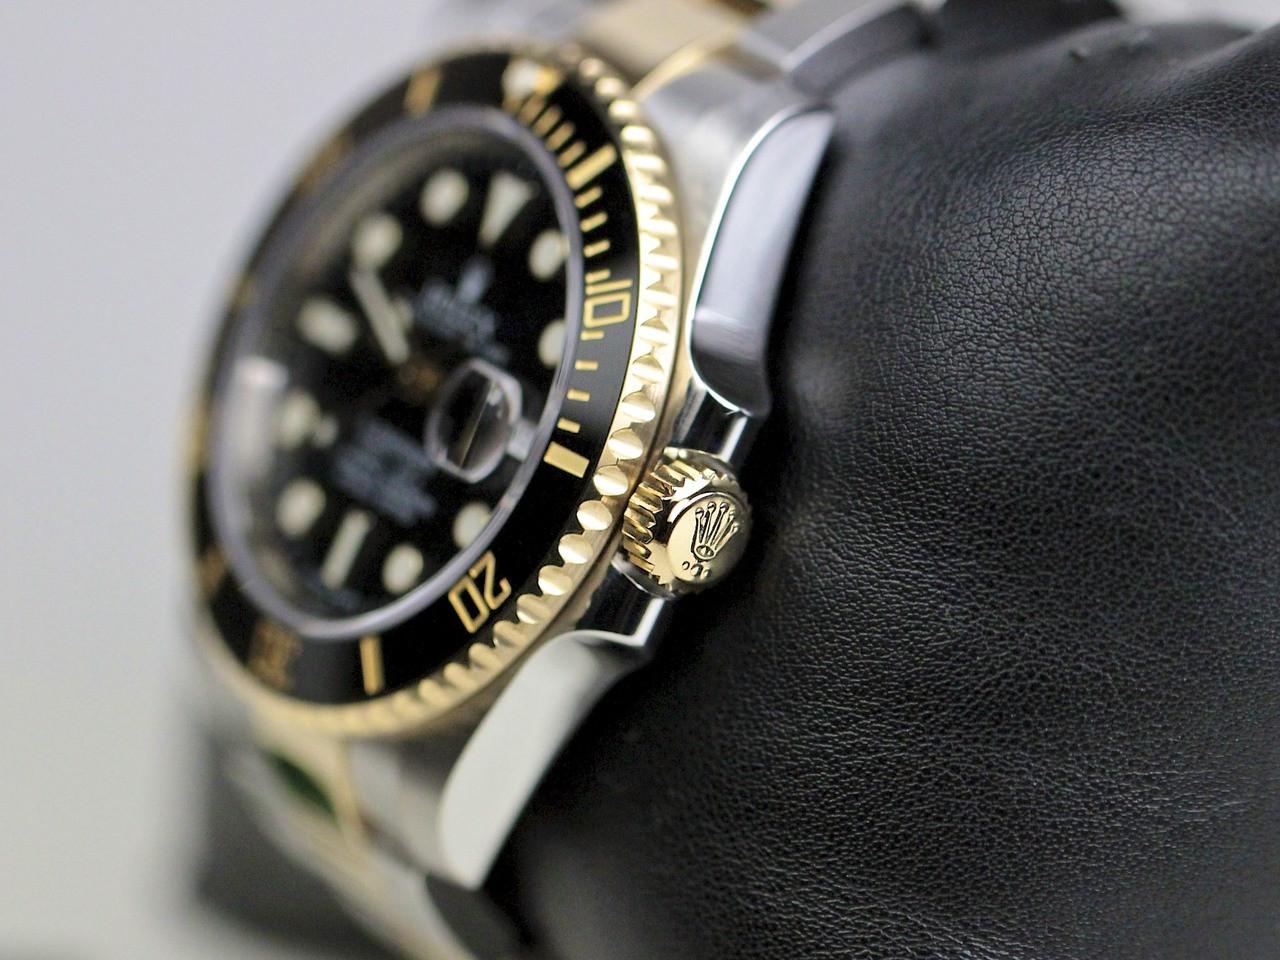 Crown & Case Detail - Rolex Watch Submariner Steel and Gold 116613 - www. Legendoftime.com - Chicago Watch Center